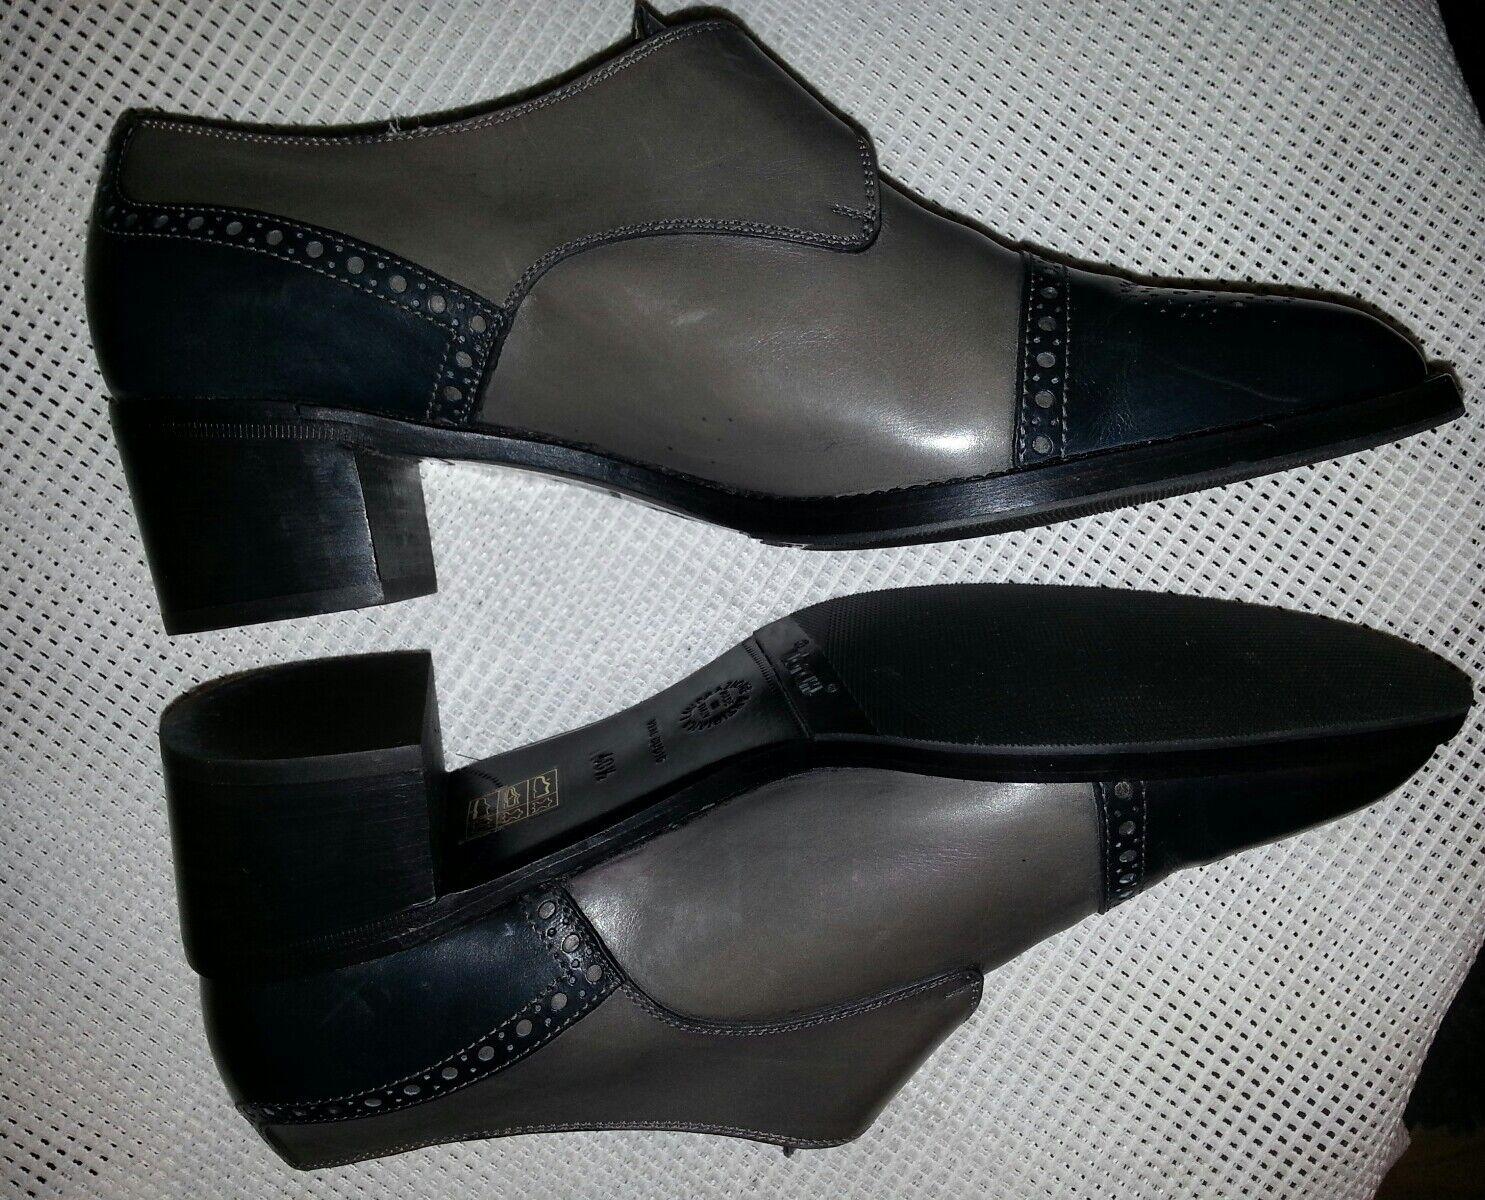 Top MARETTO  Designer Damenschuhe Schuhe Echtleder Gr.40,5 Gr.40,5 Gr.40,5 Grau-Schwarz b21da7